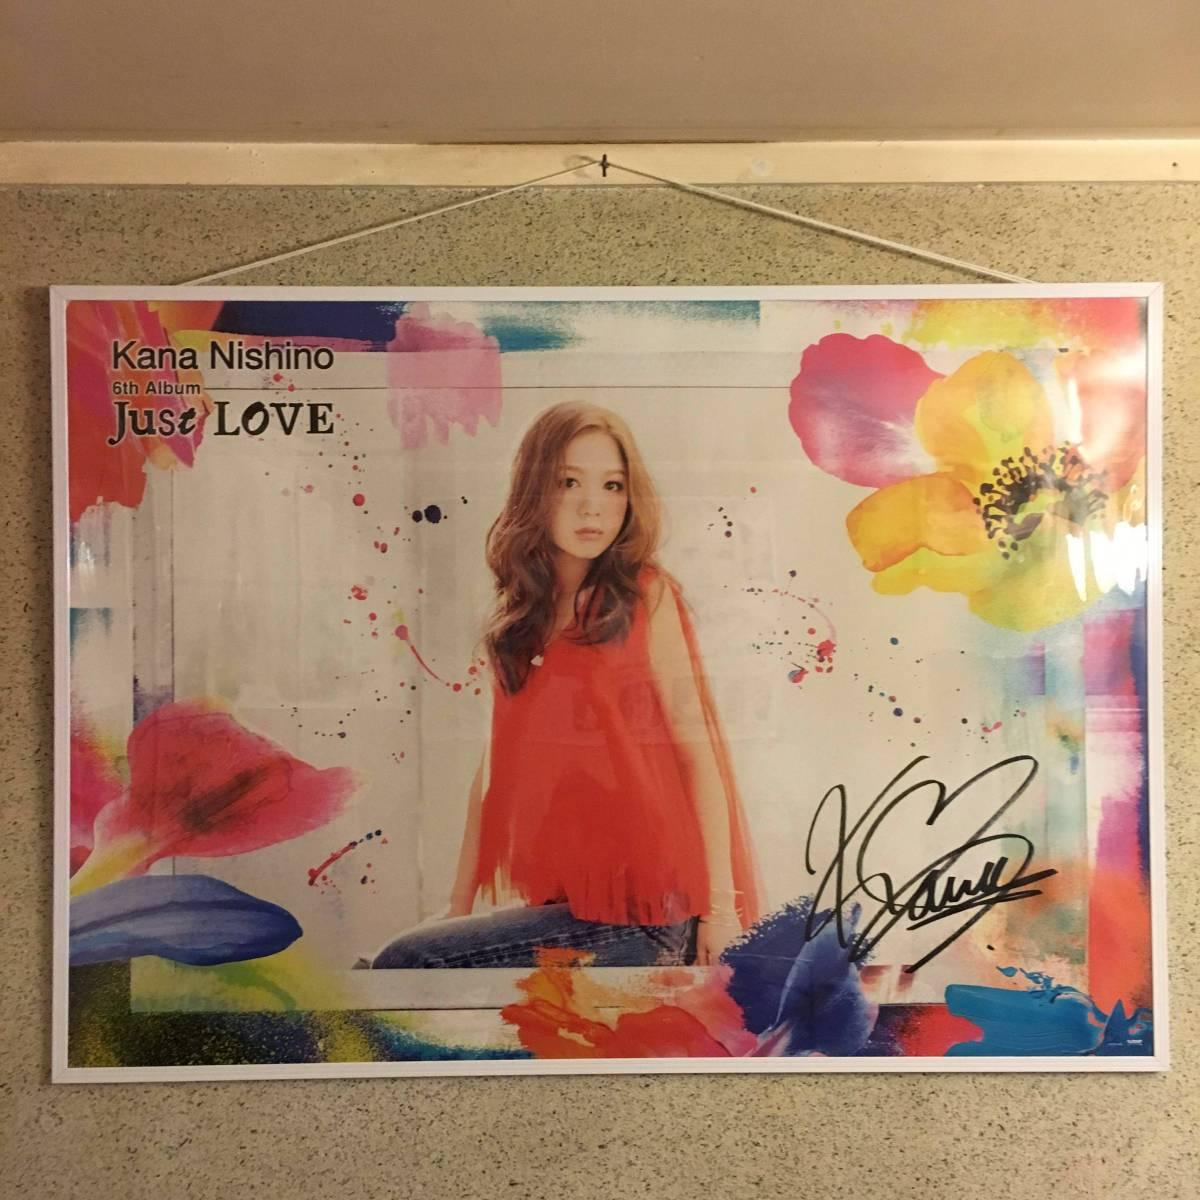 西野カナ just Love ビッグポスター ライブグッズの画像